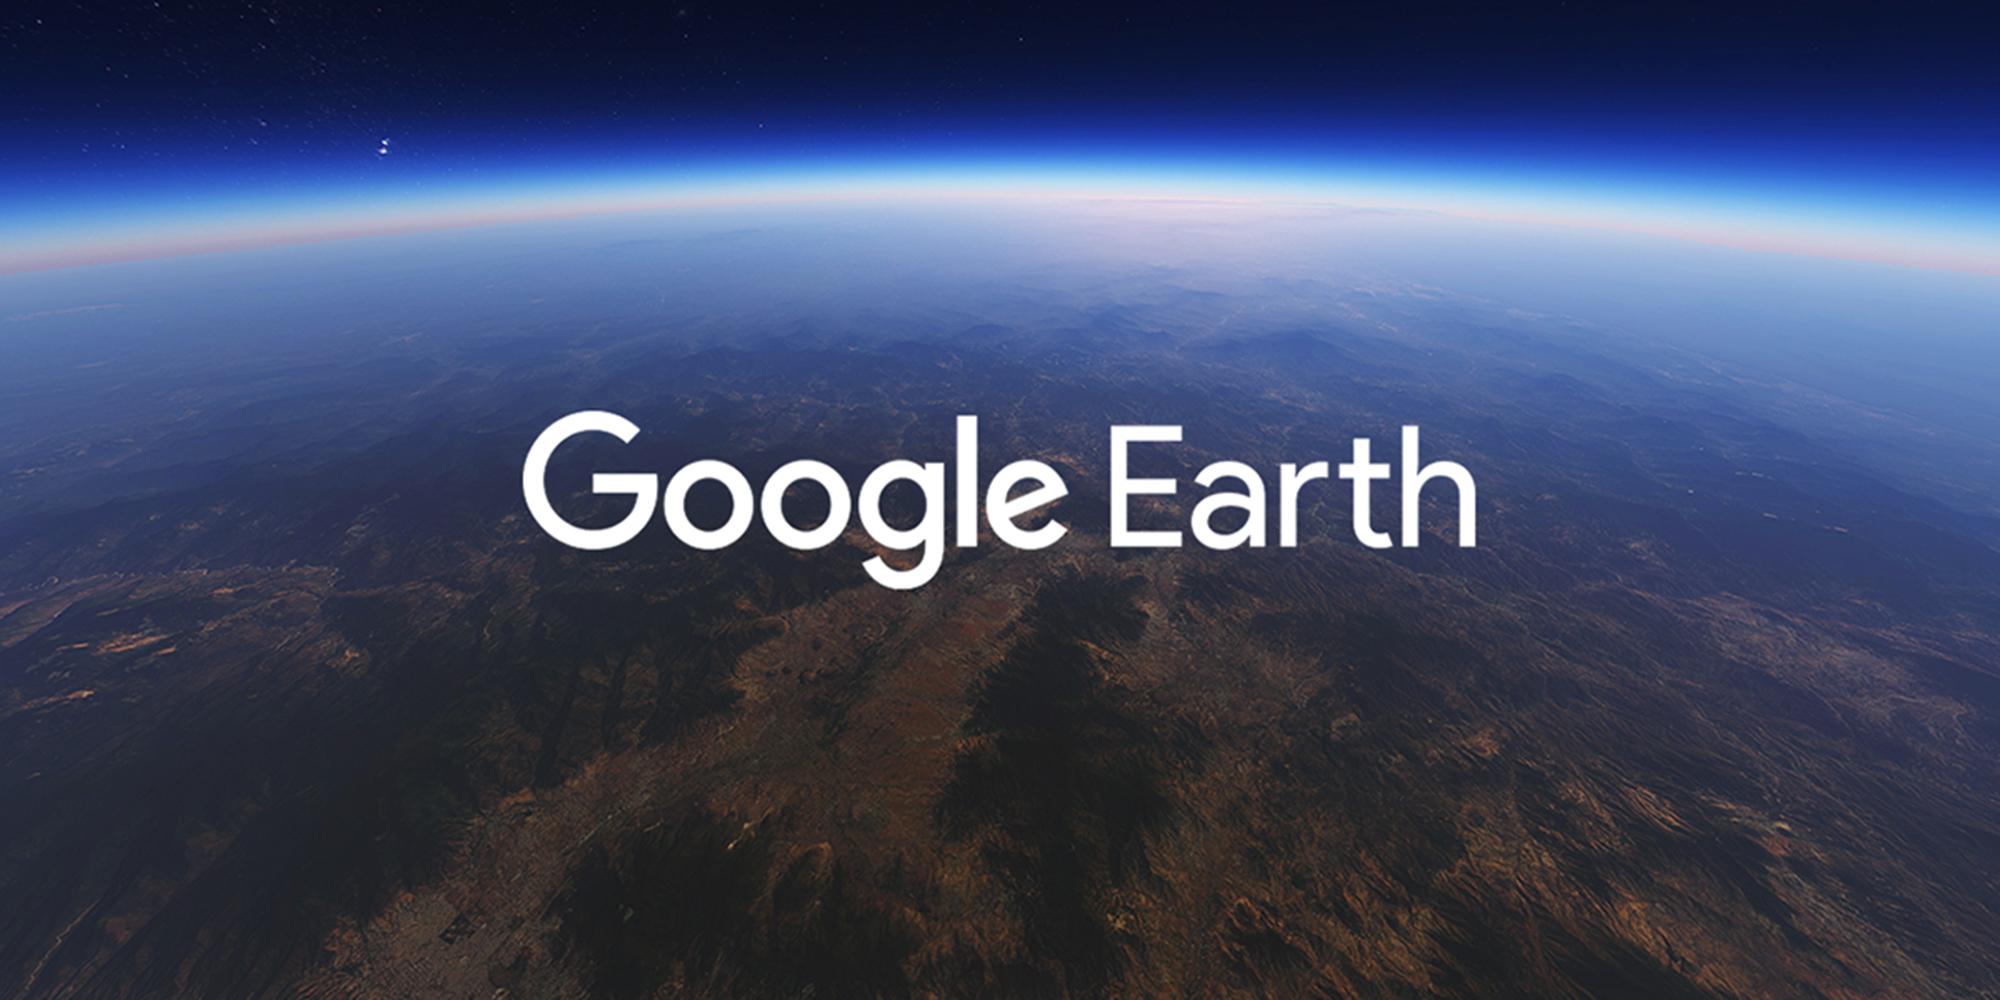 Explorez le monde avec la nouvelle version de Google Earth